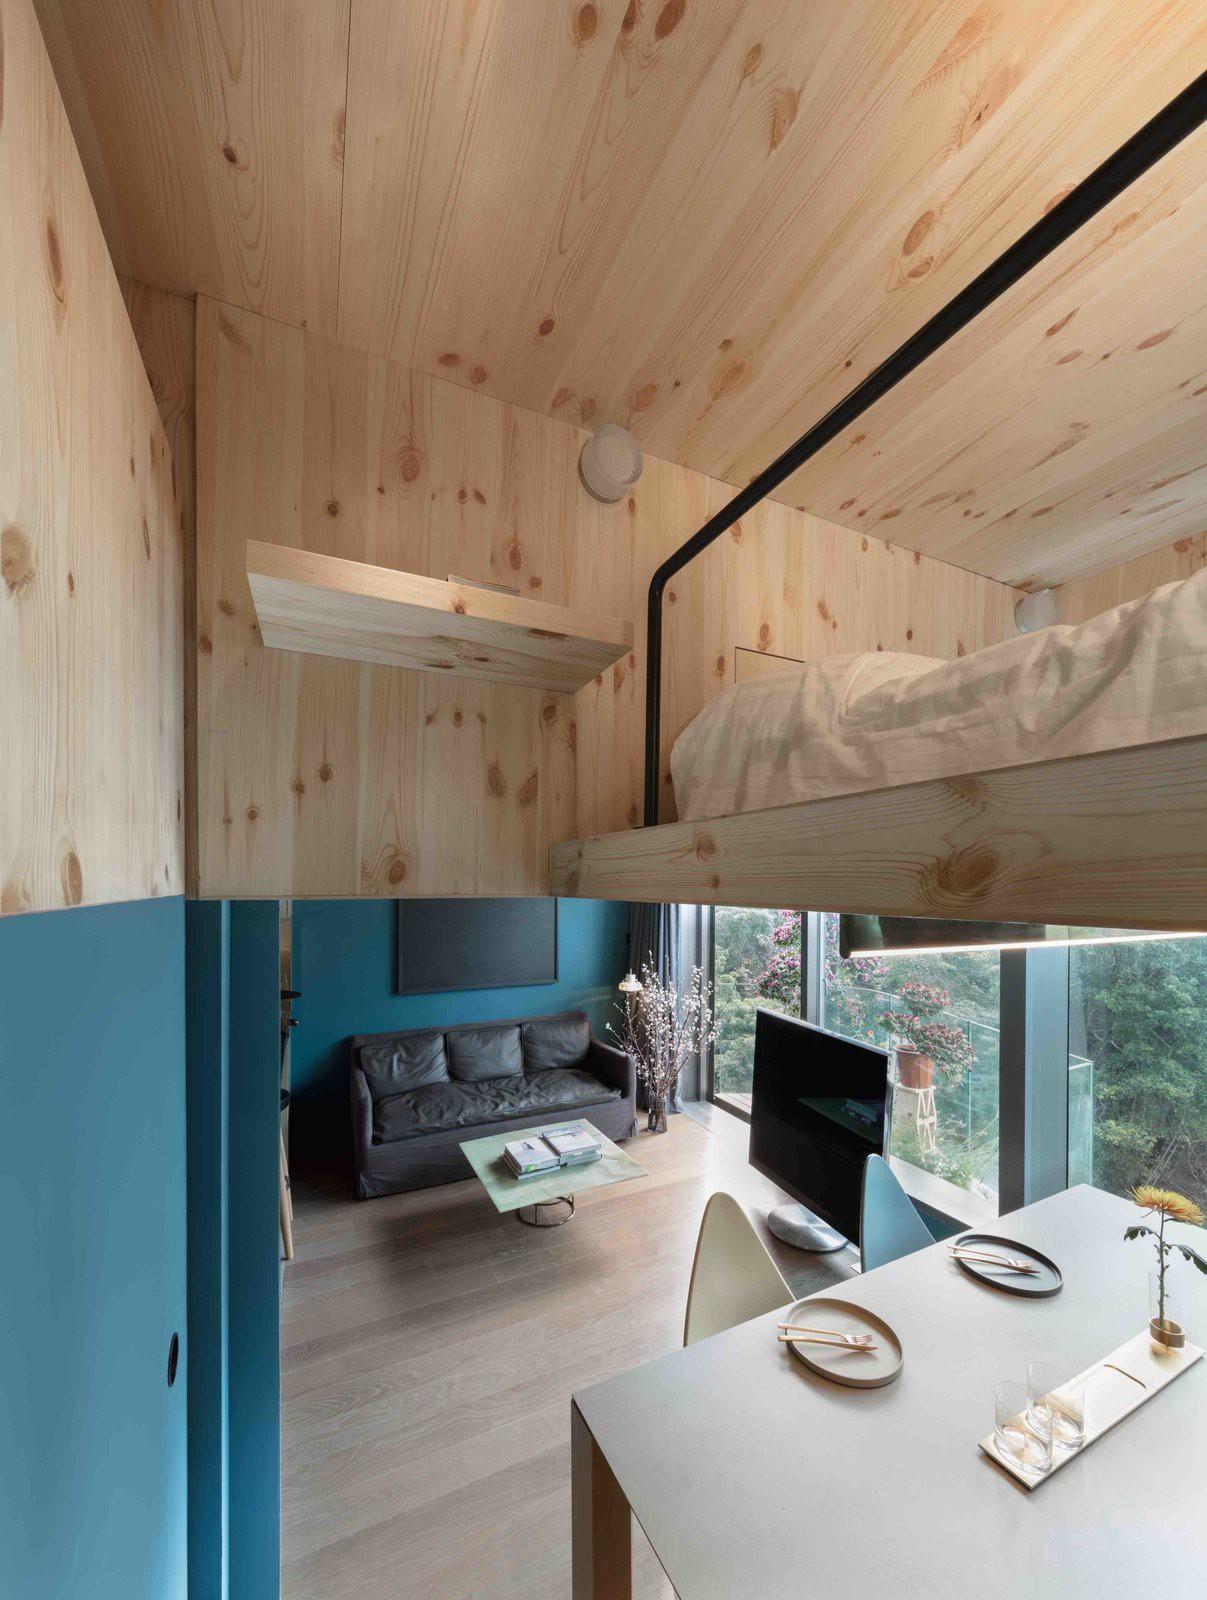 Chiêm ngưỡng căn hộ nhỏ này, bạn sẽ thấy nhà nhỏ nhưng có trần cao thì mọi việc đều được giải quyết đơn giản - Ảnh 4.